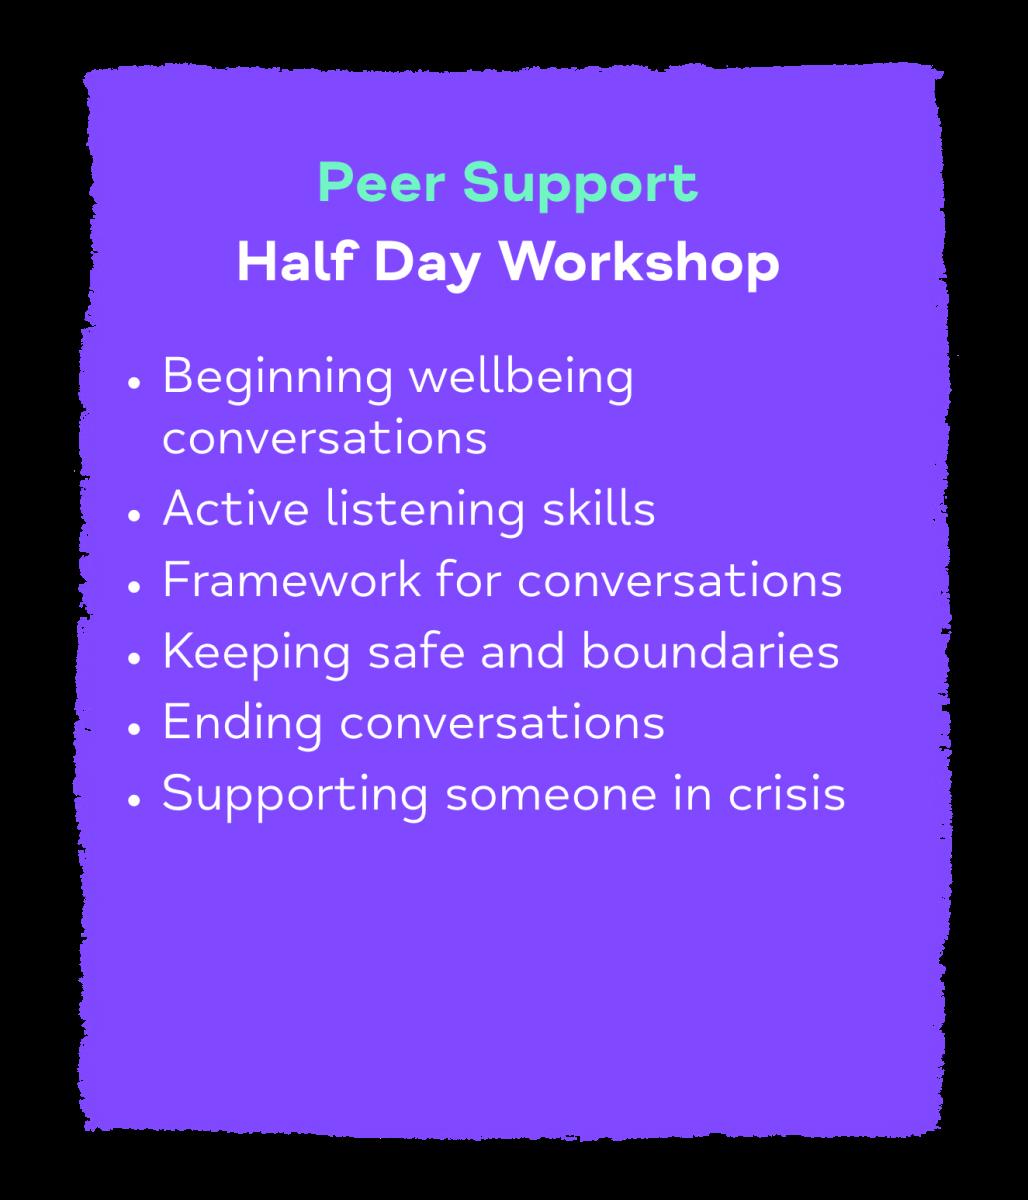 Peer Support Half Day Workshop